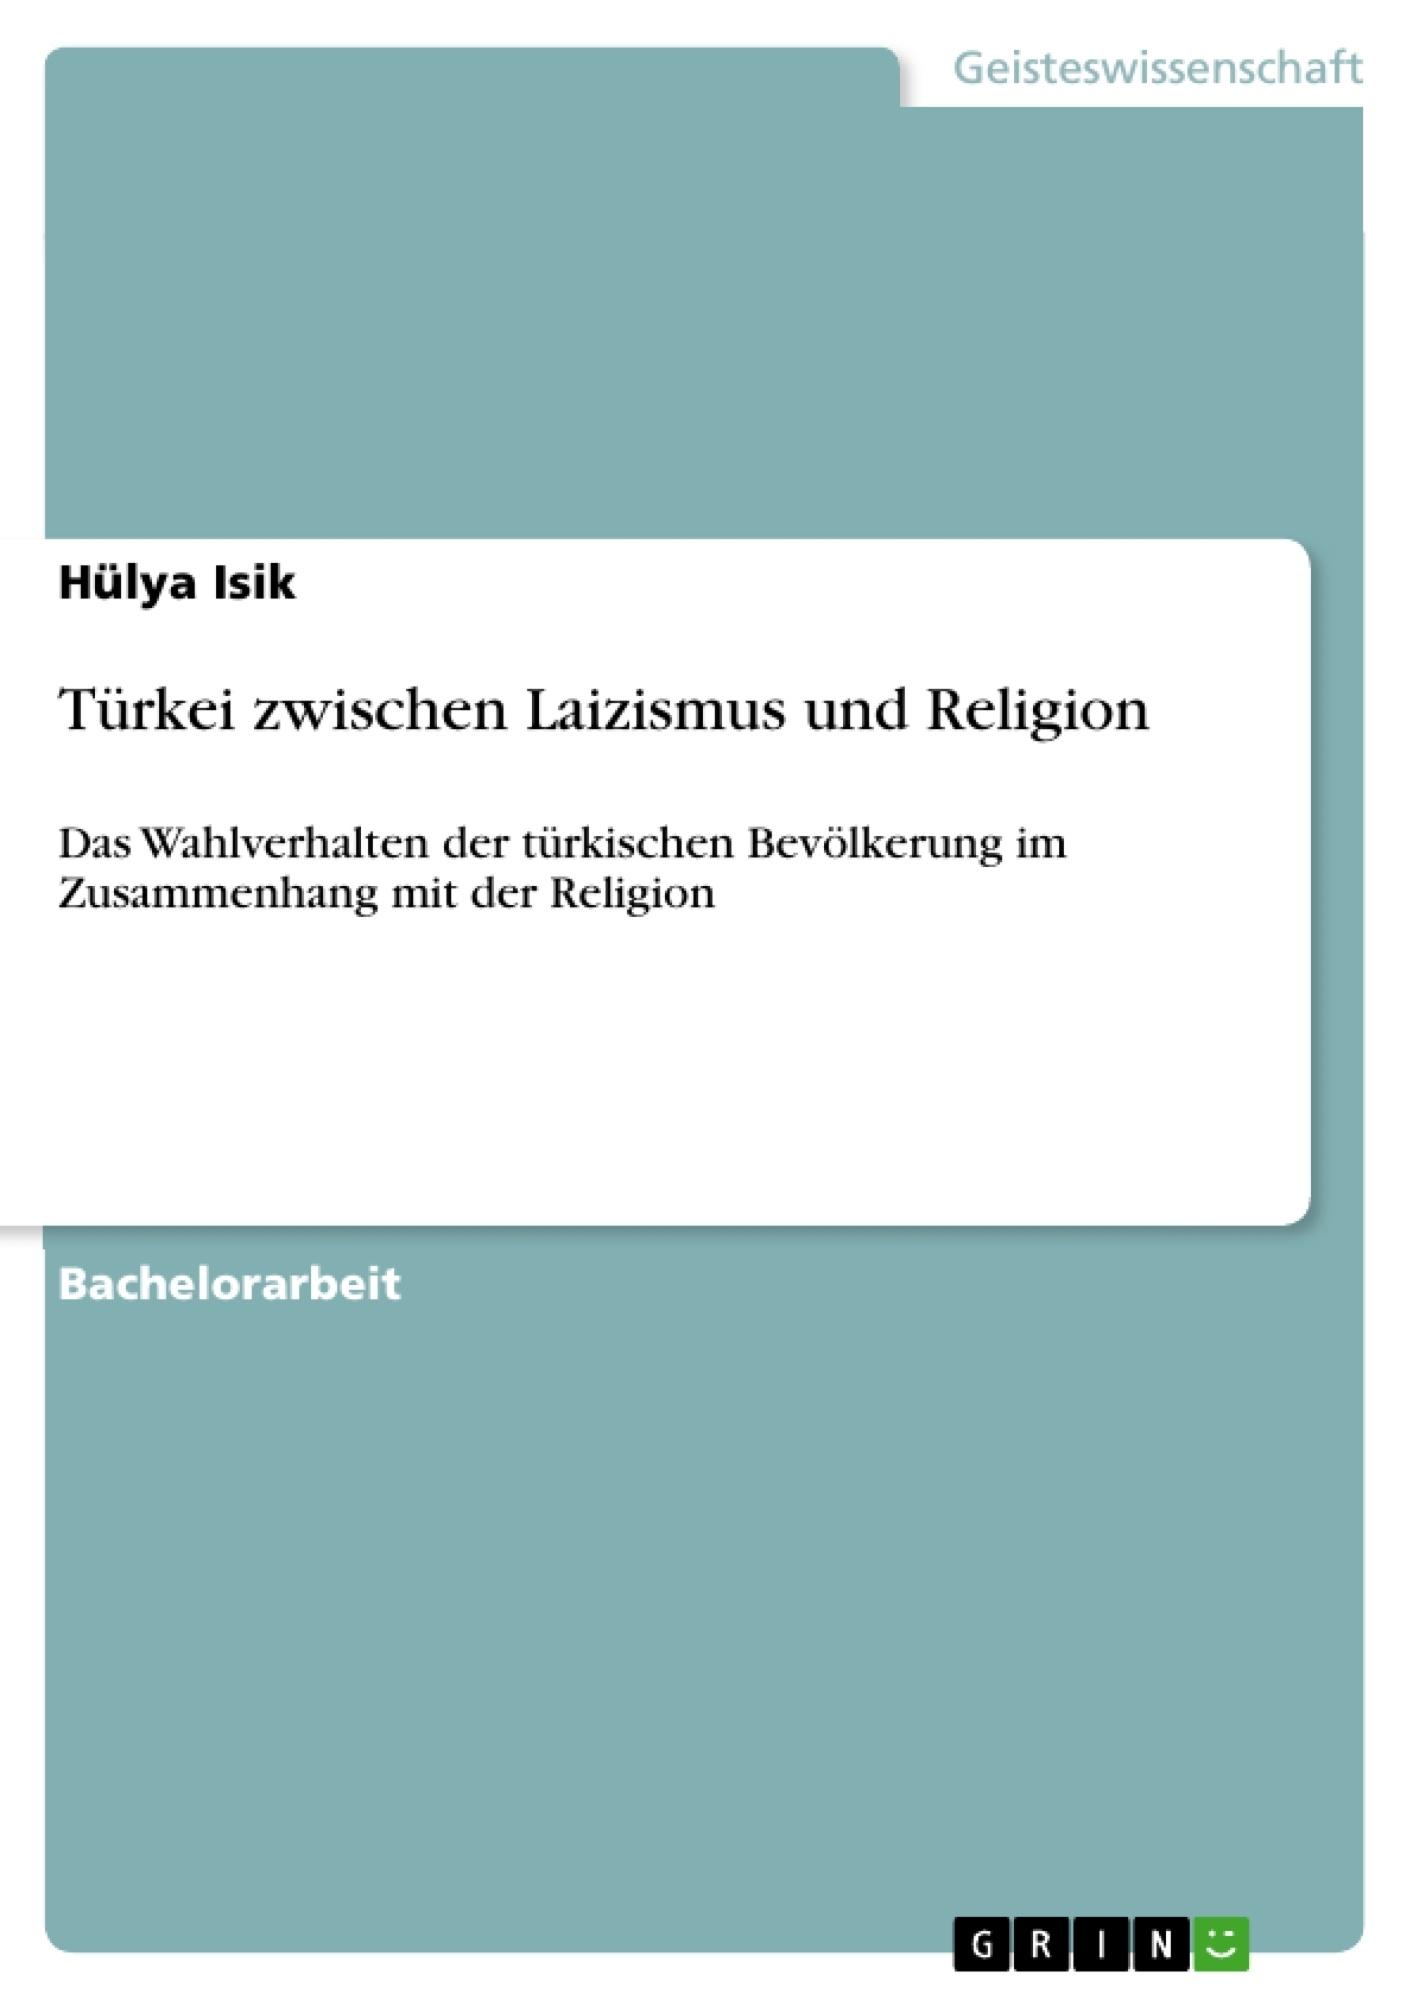 Titel: Türkei zwischen Laizismus und Religion